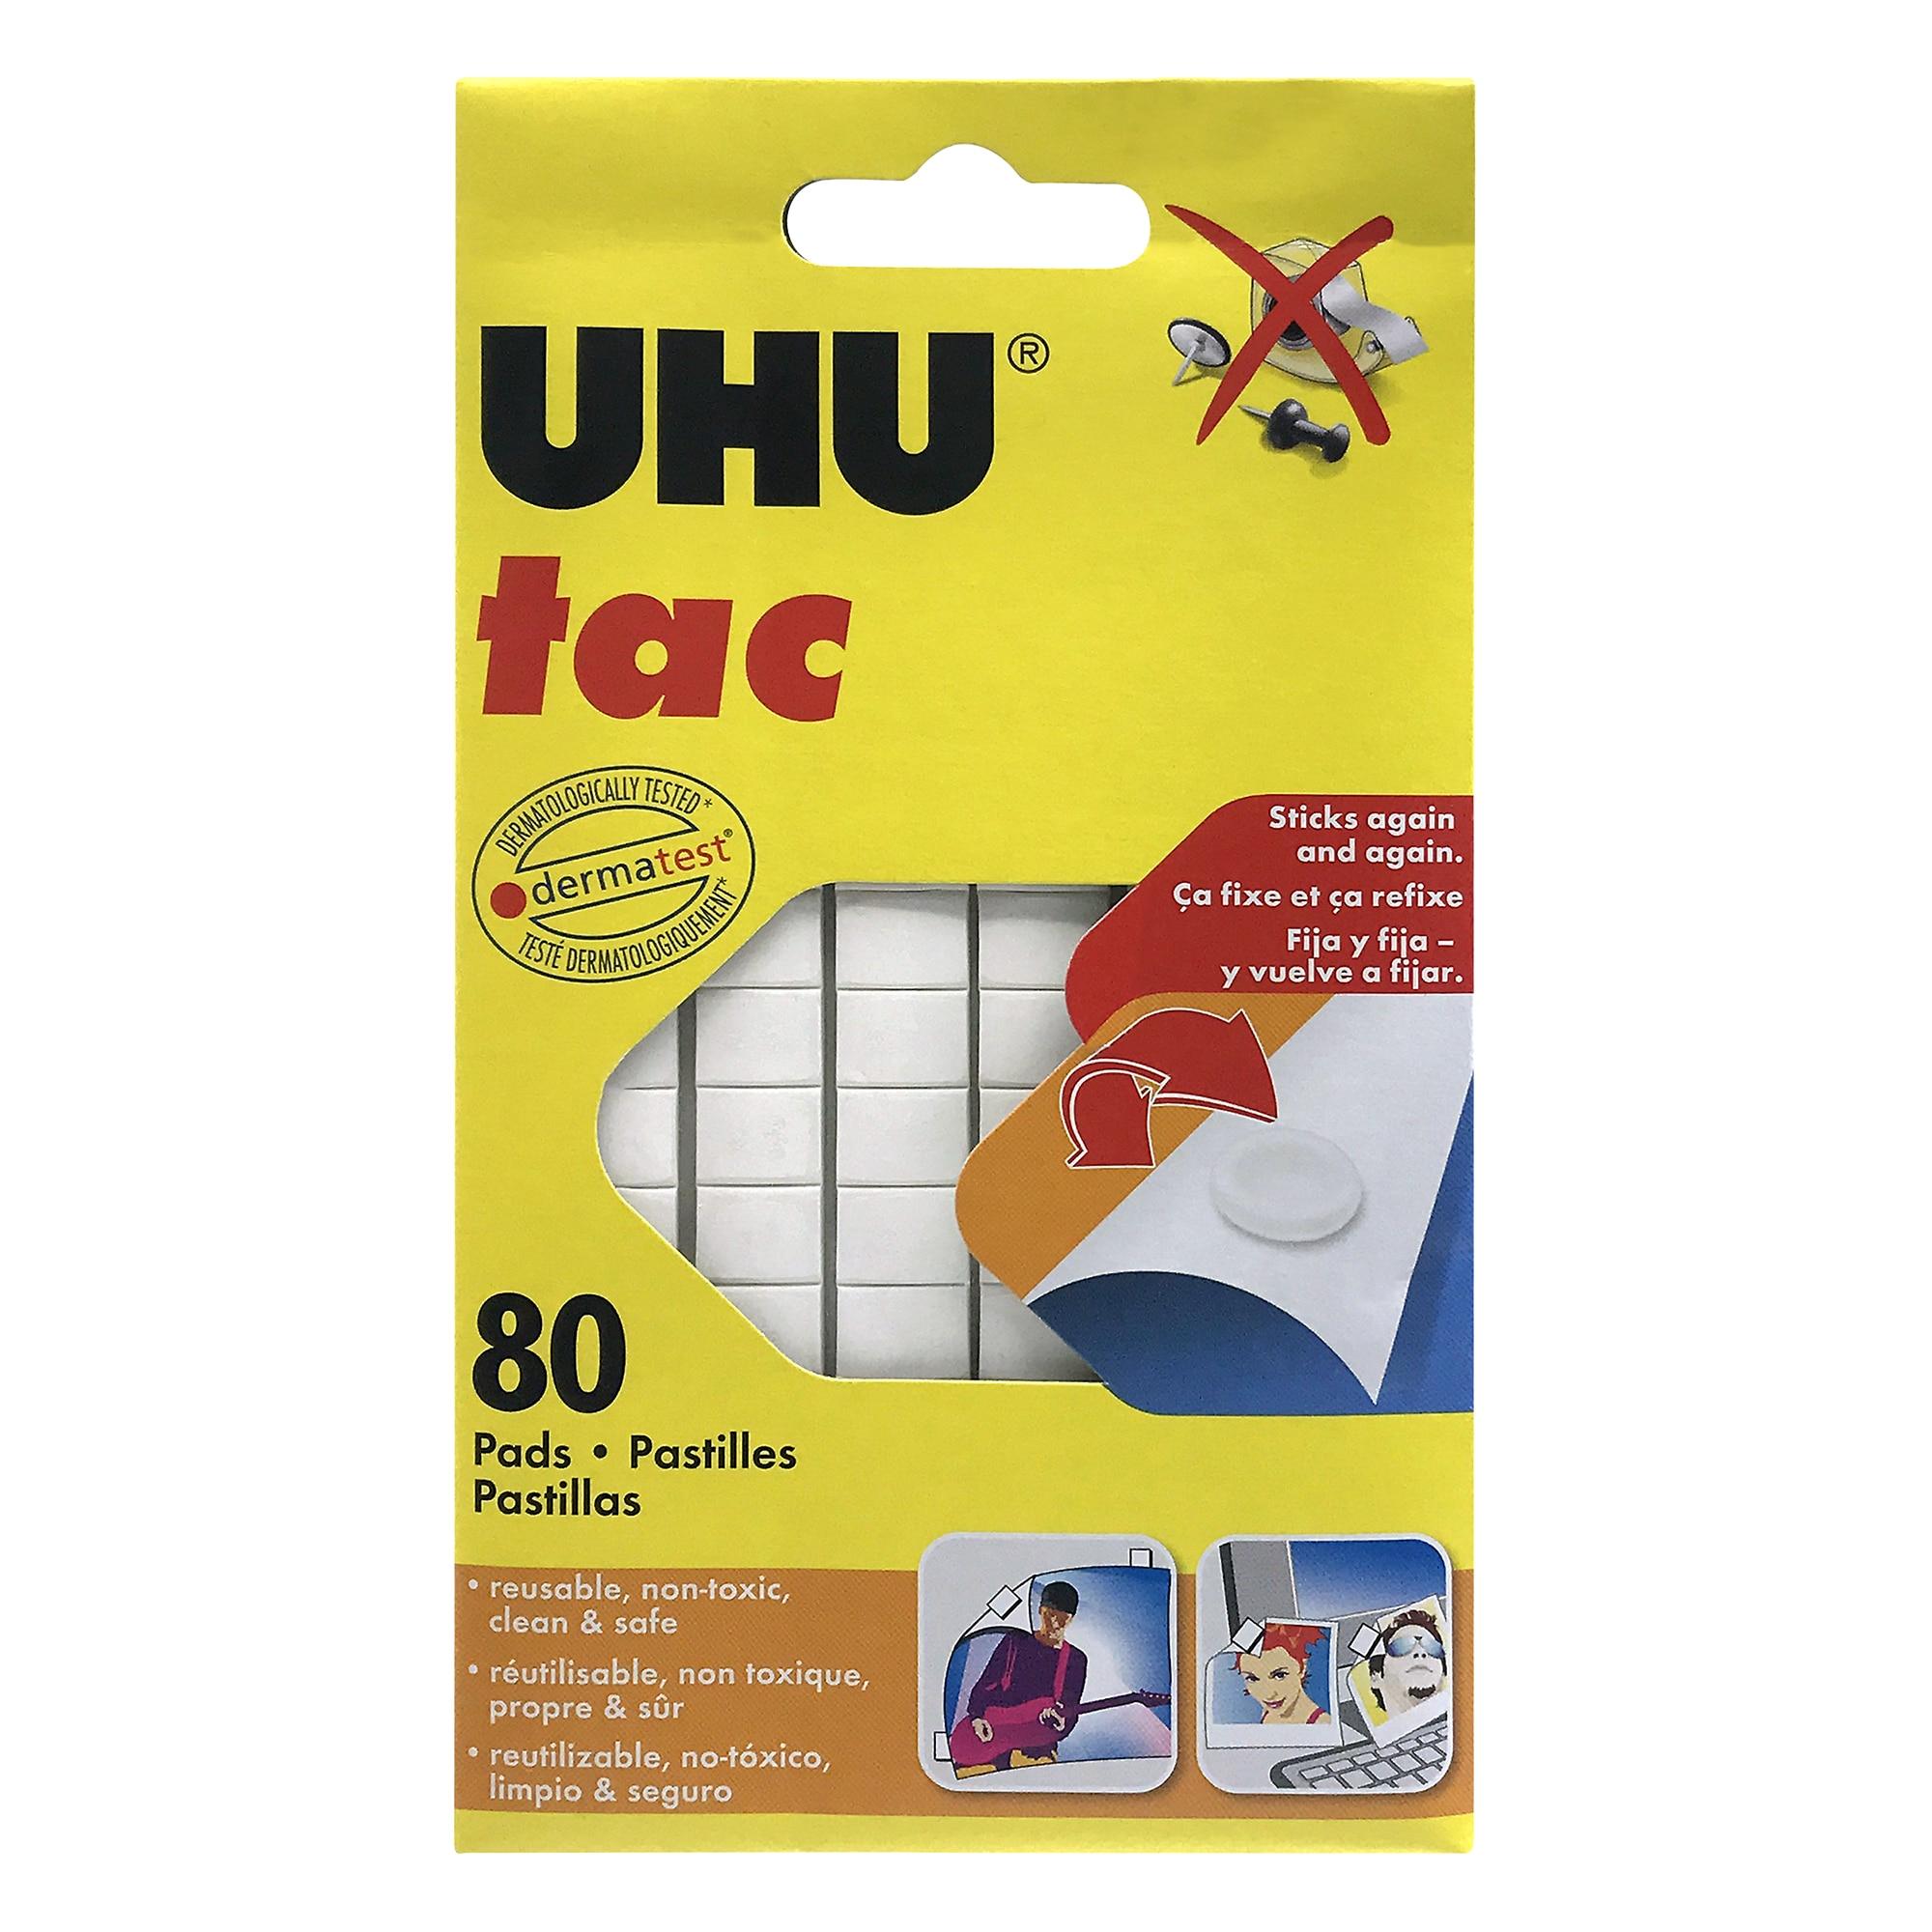 Uhu Tac Removable Adhesive